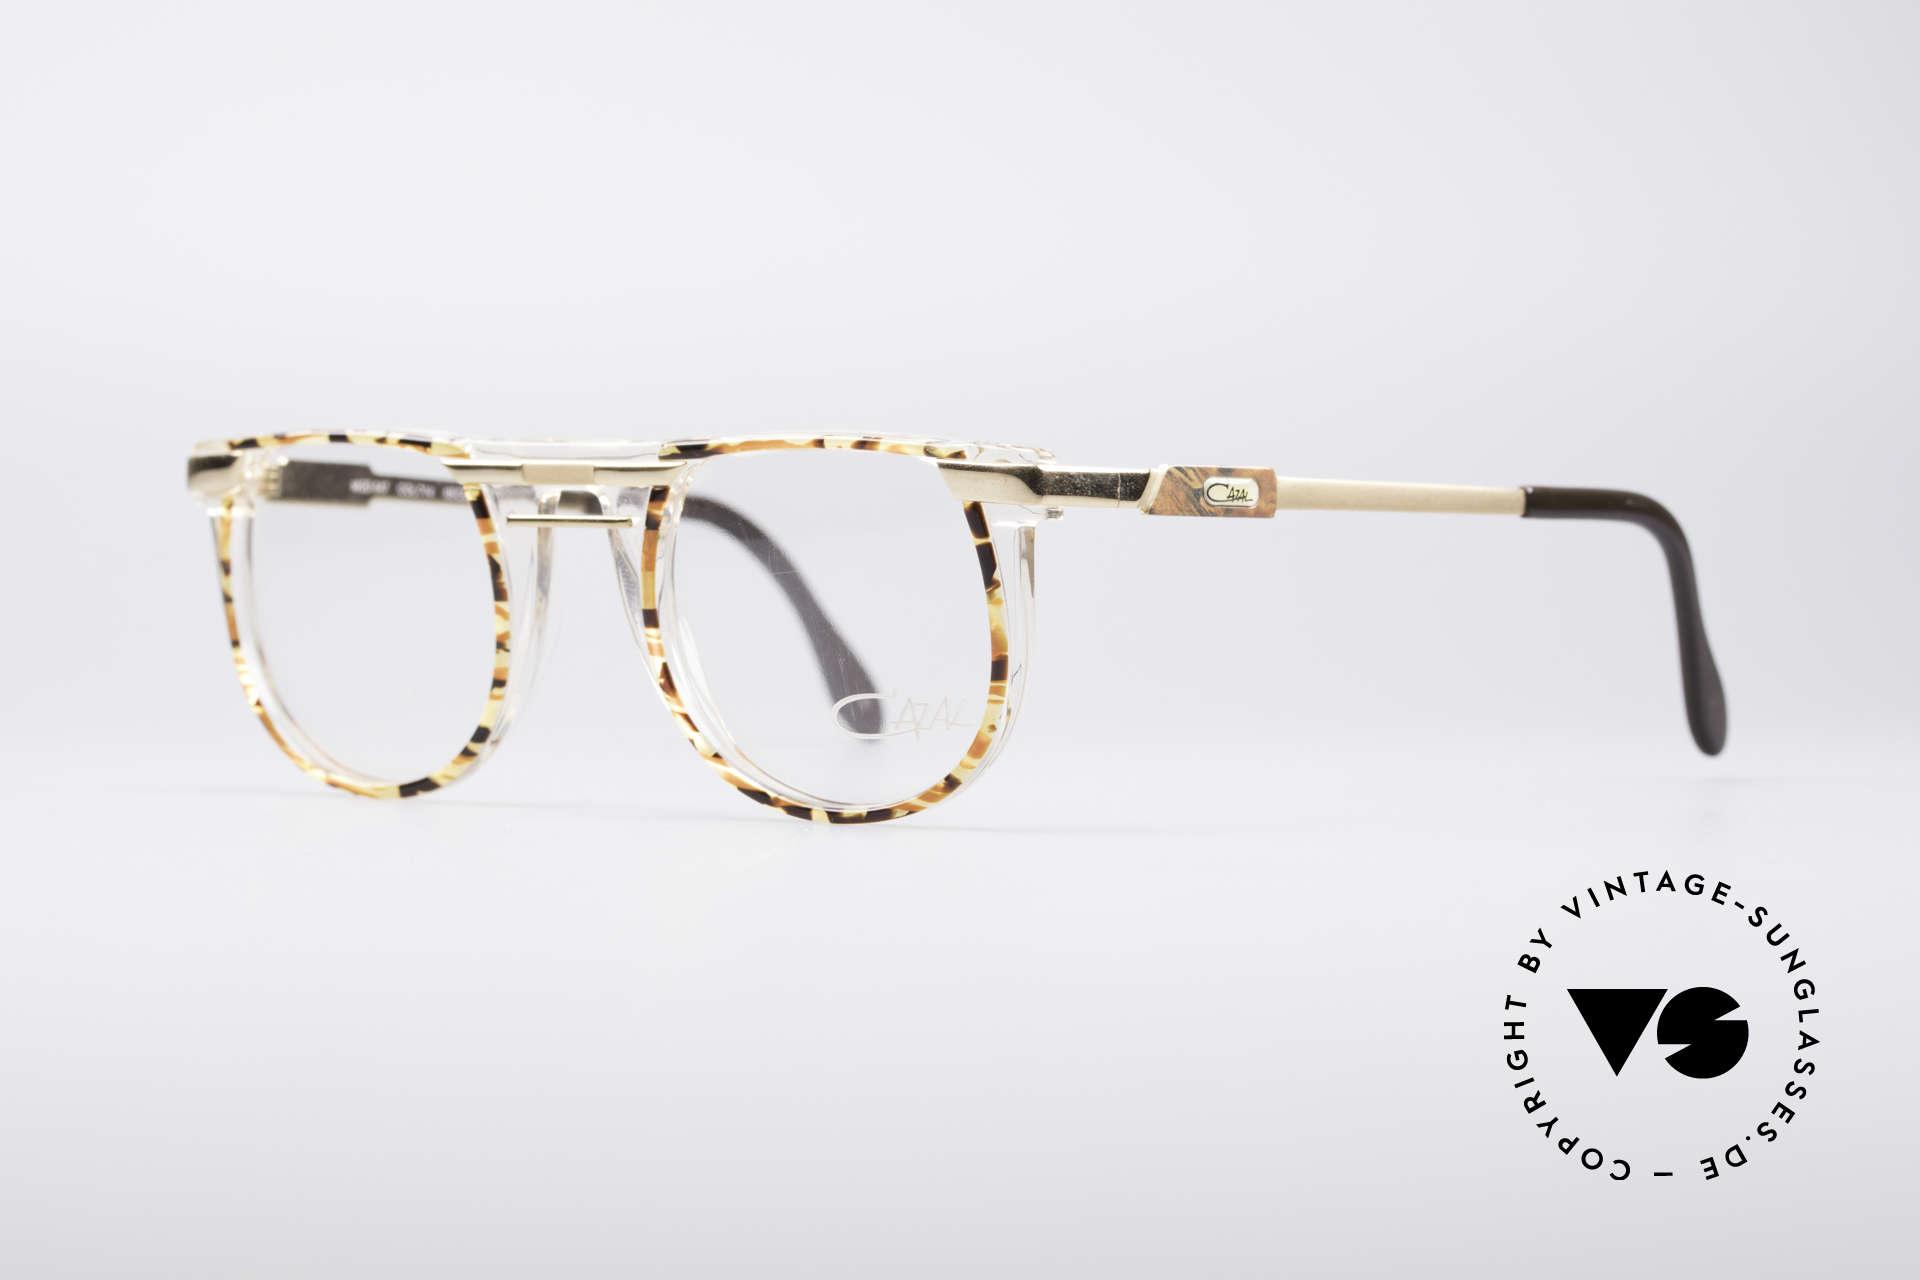 Cazal 647 90er Vintage Designerbrille, geniale Kombination v. Farben/Formen/Materialien, Passend für Herren und Damen